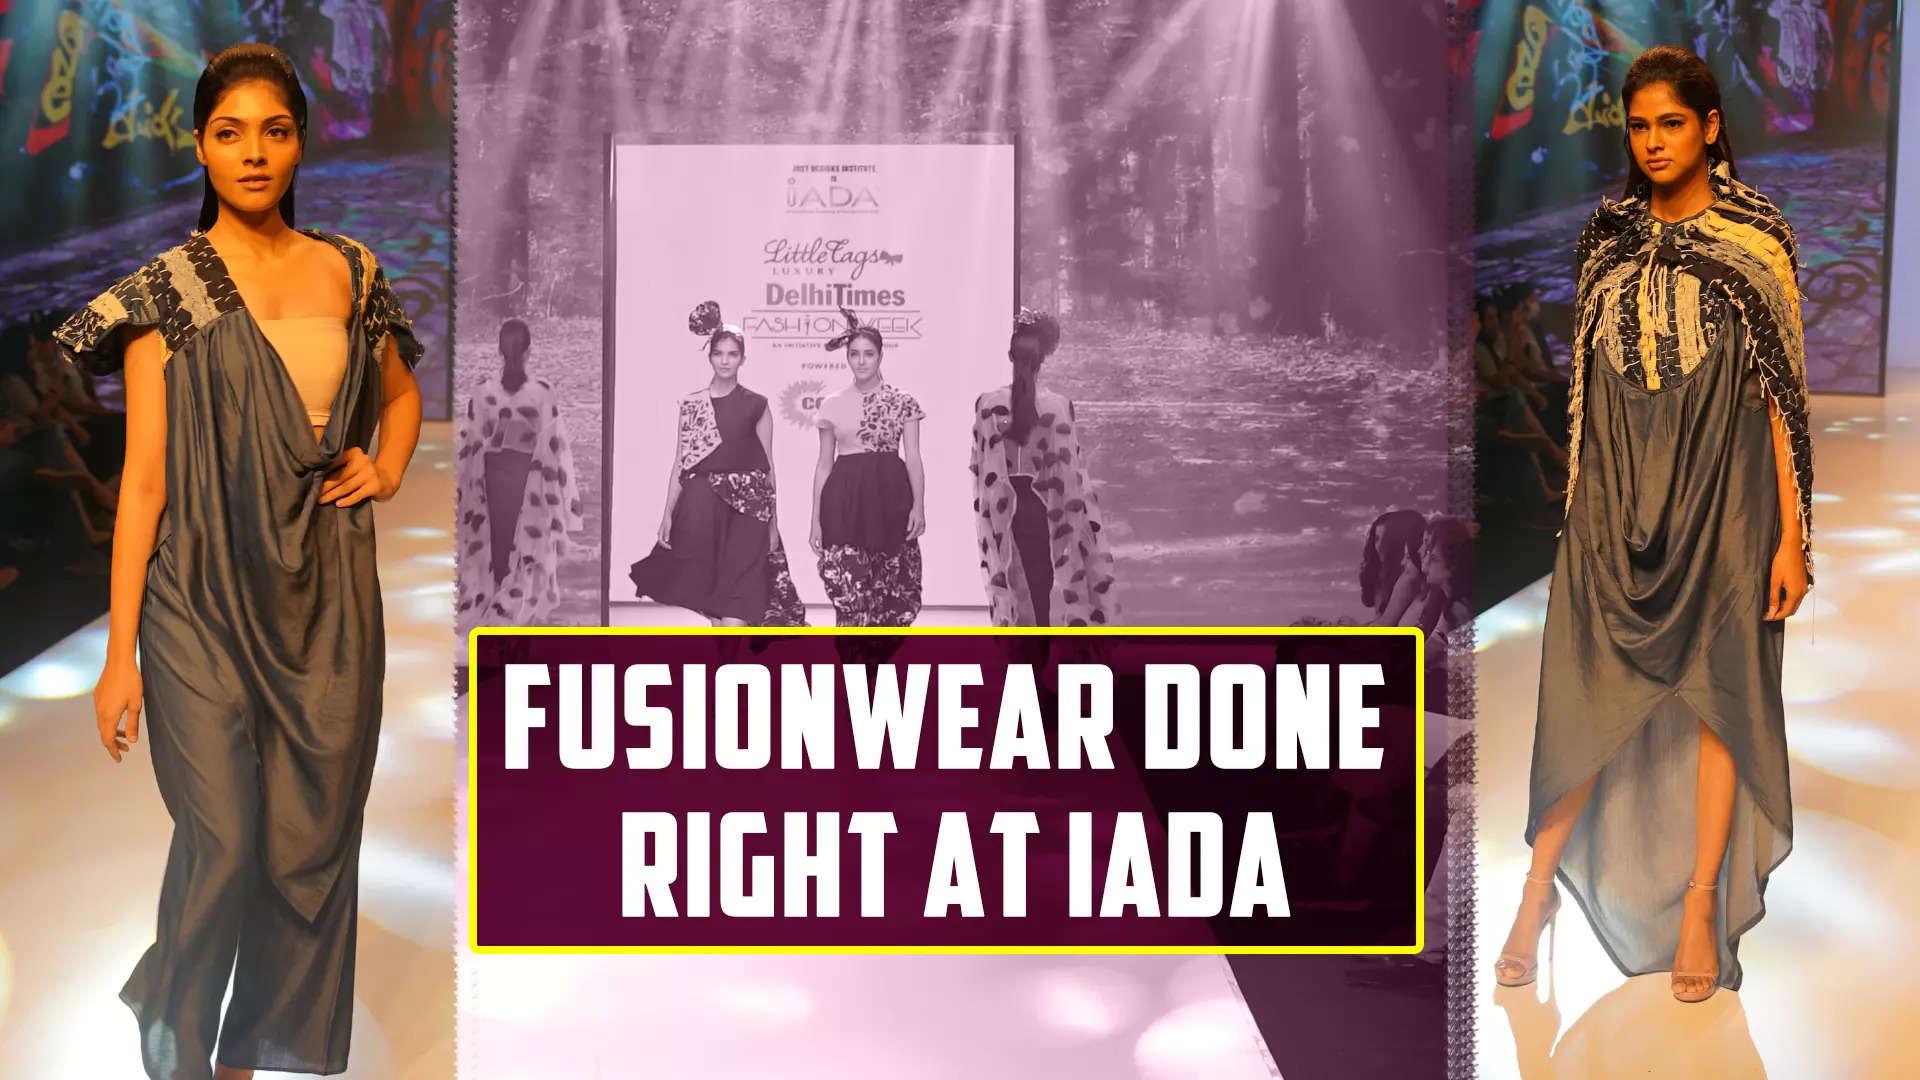 fusionwear-done-right-at-delhi-times-fashion-week